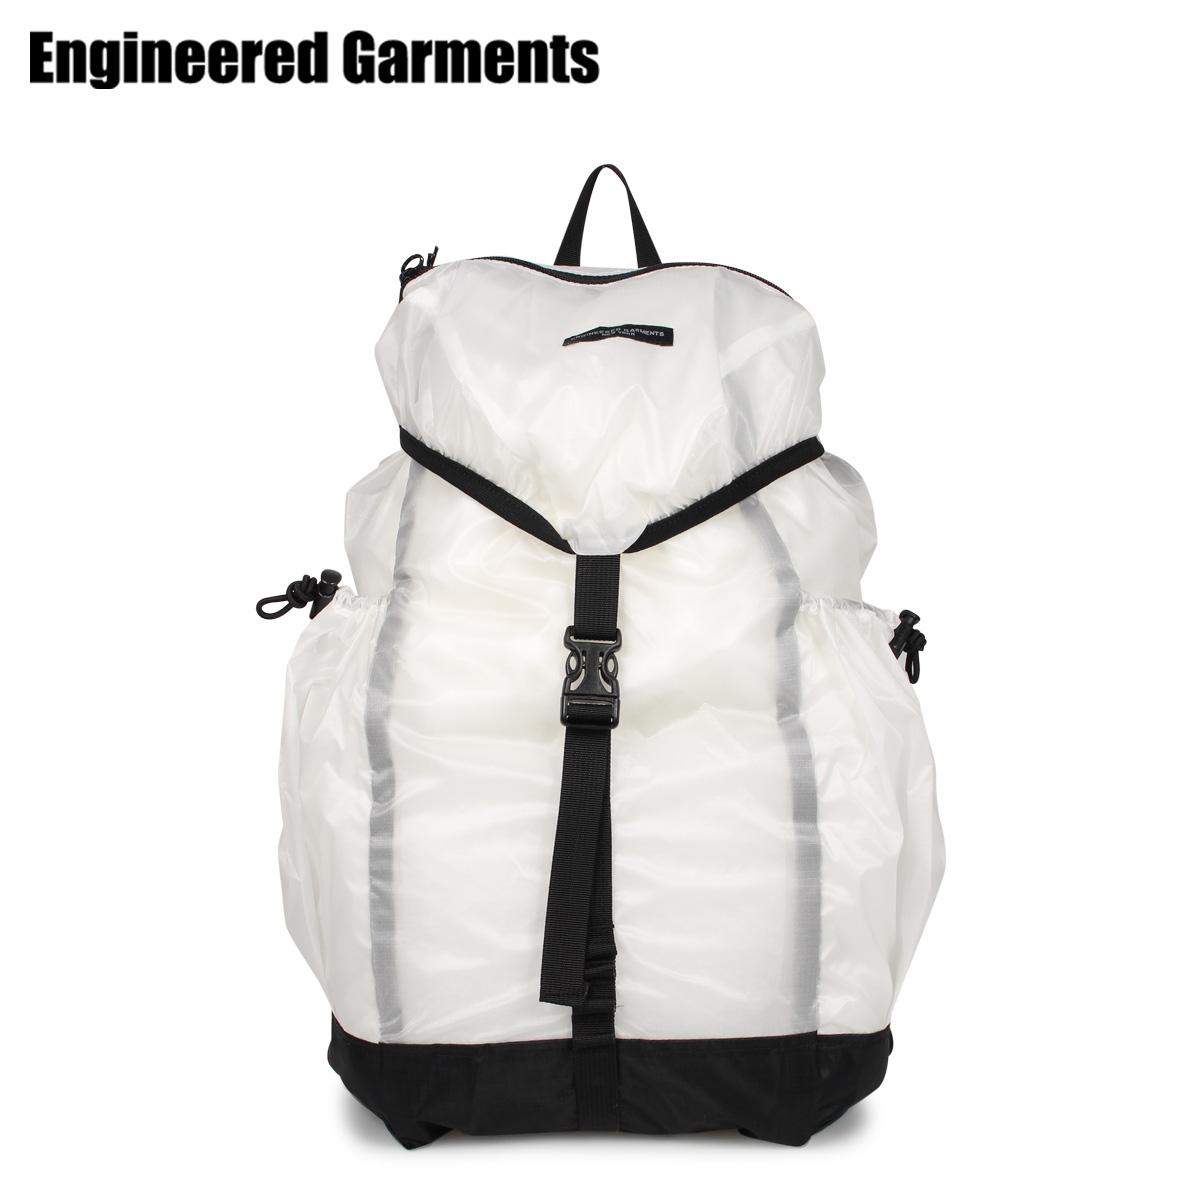 ENGINEERED GARMENTS エンジニアドガーメンツ リュック バッグ バックパック メンズ レディース UL BACKPACK ホワイト 白 20S1H020 [3/27 新入荷]